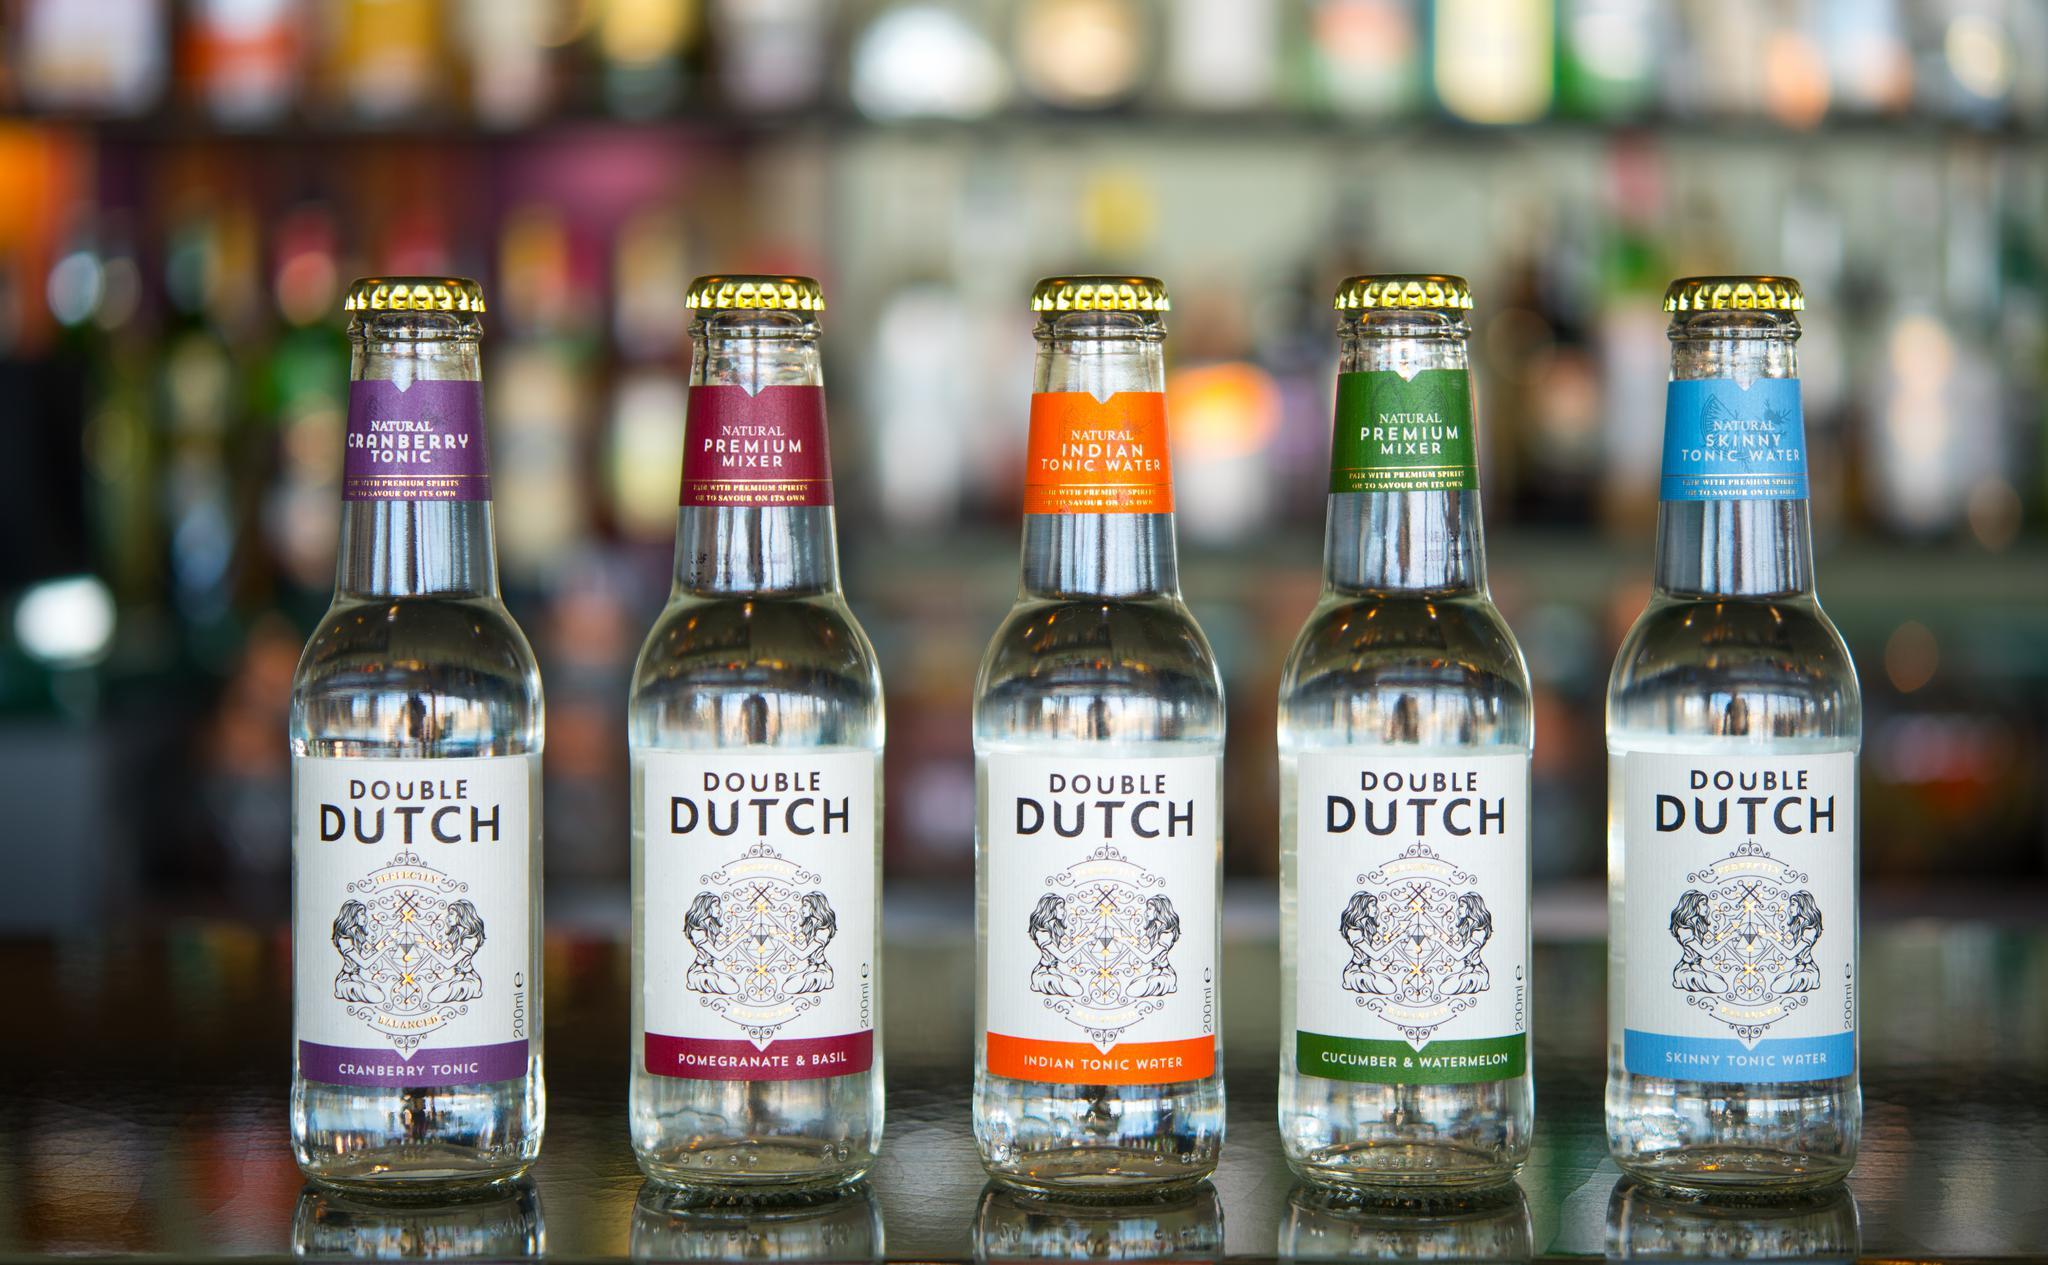 Double Dutch Sponsorship